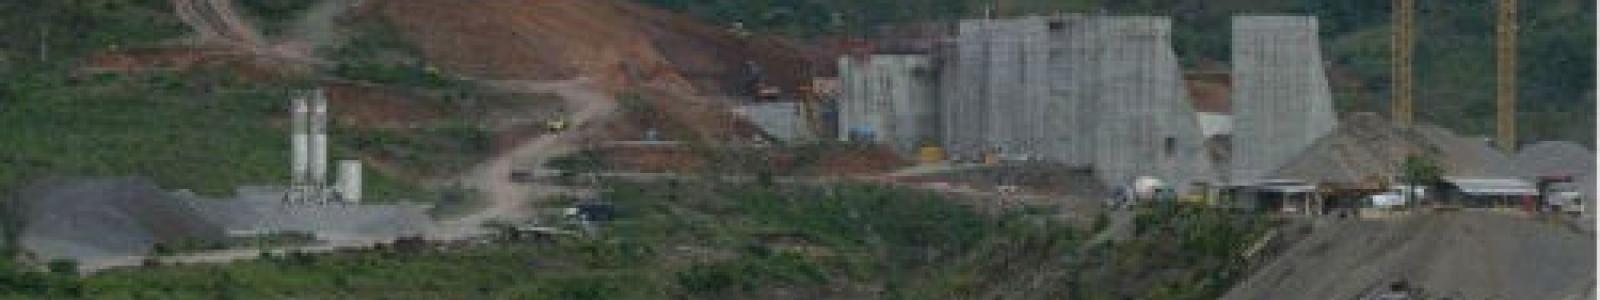 Foto: Construcción de la represa Barro Blanco en el río Tabasará, Panamá. Crédito: Ed Grimaldo/La Estrella de Panamá.